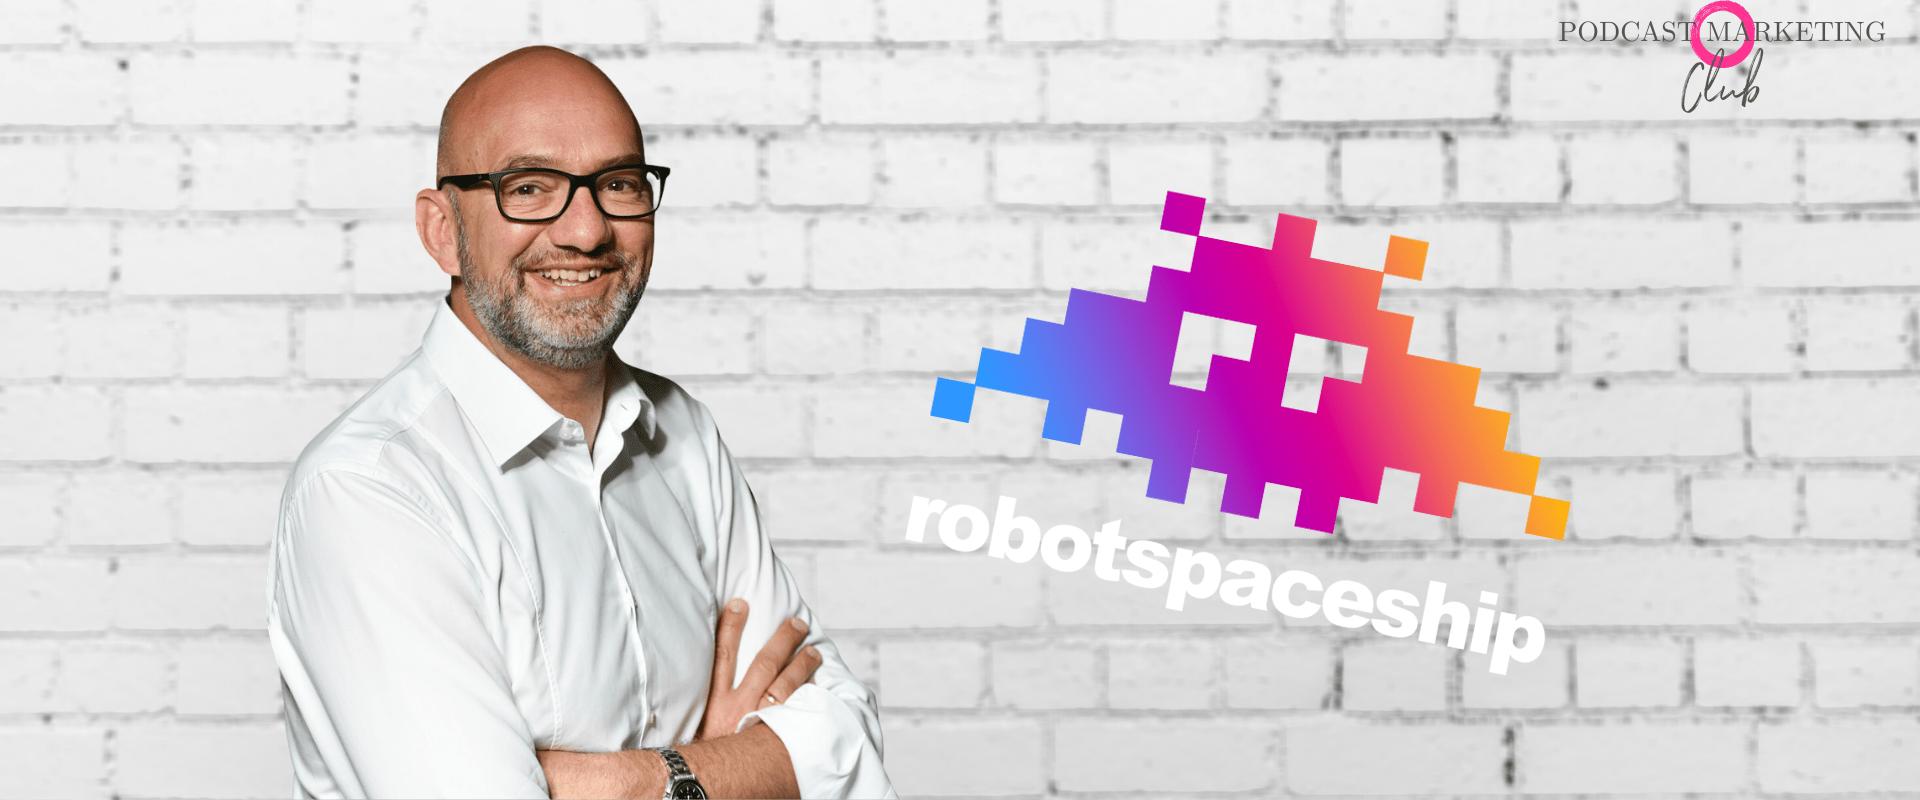 Robotspaceship Das Podcast-Netzwerk mit Oliver Kemmann-35